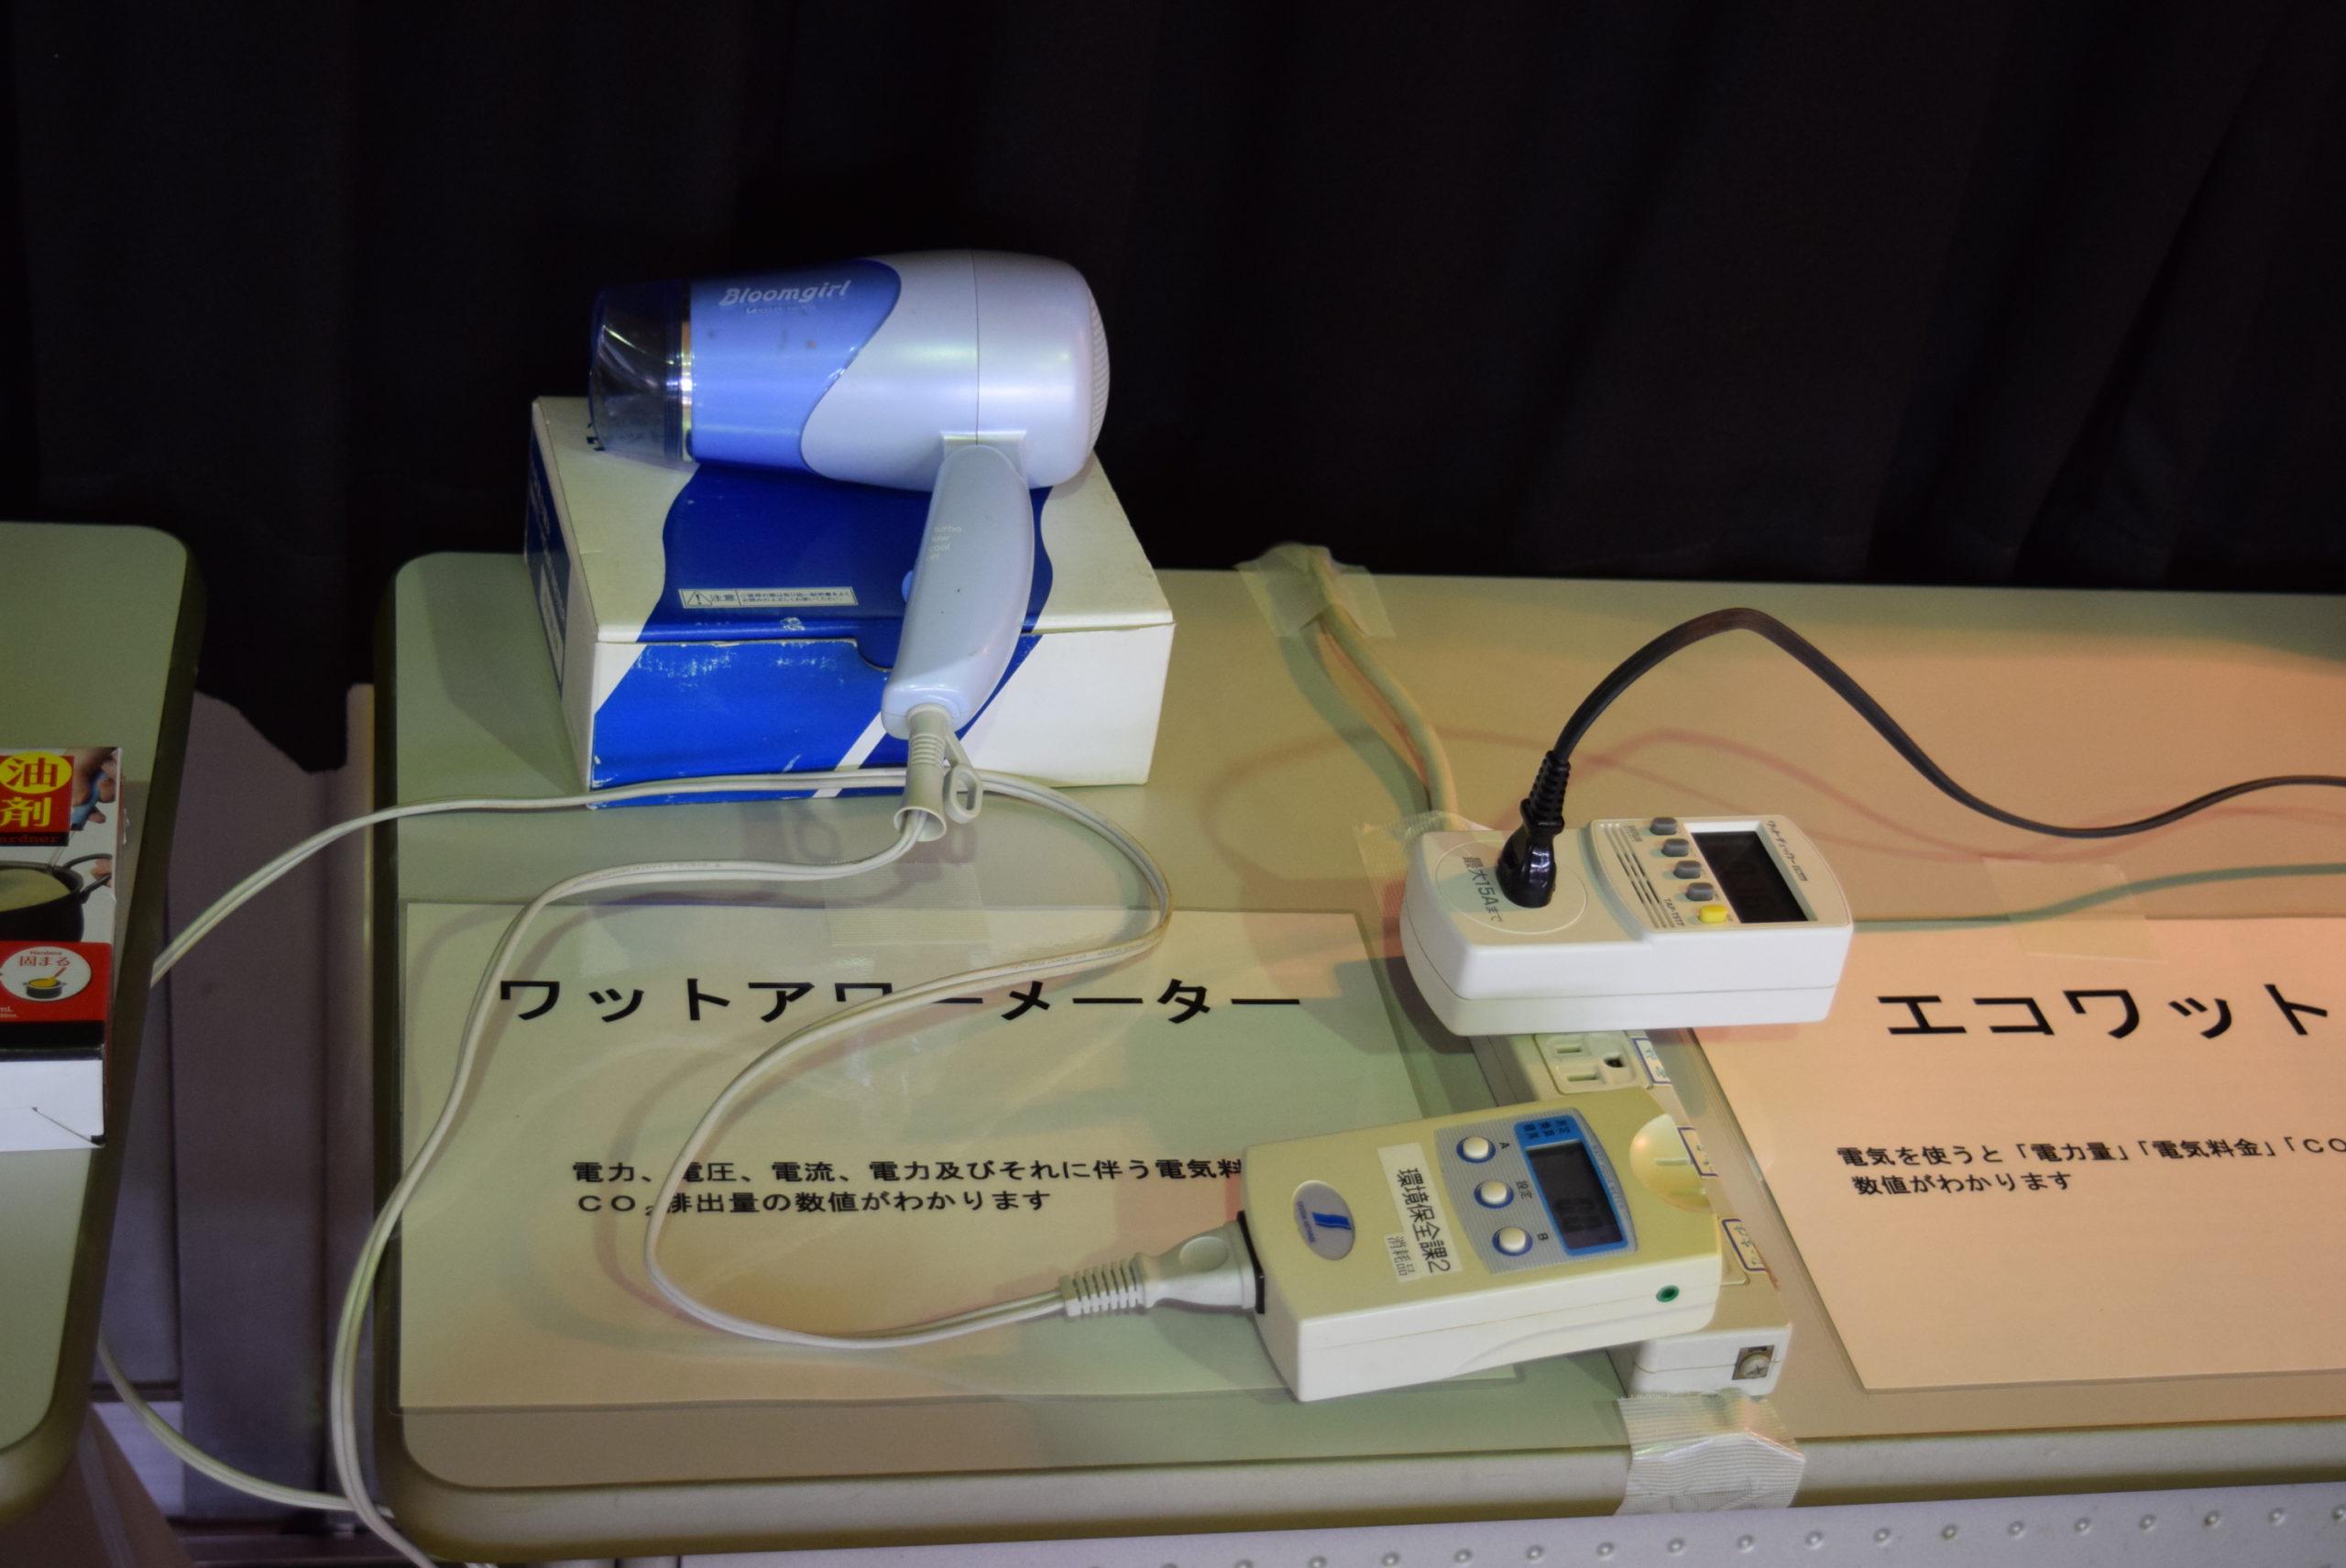 ワットアワーメーター:計測したい電化製品とコンセントの間に接続することで、消費電力や電力を計測することができます。